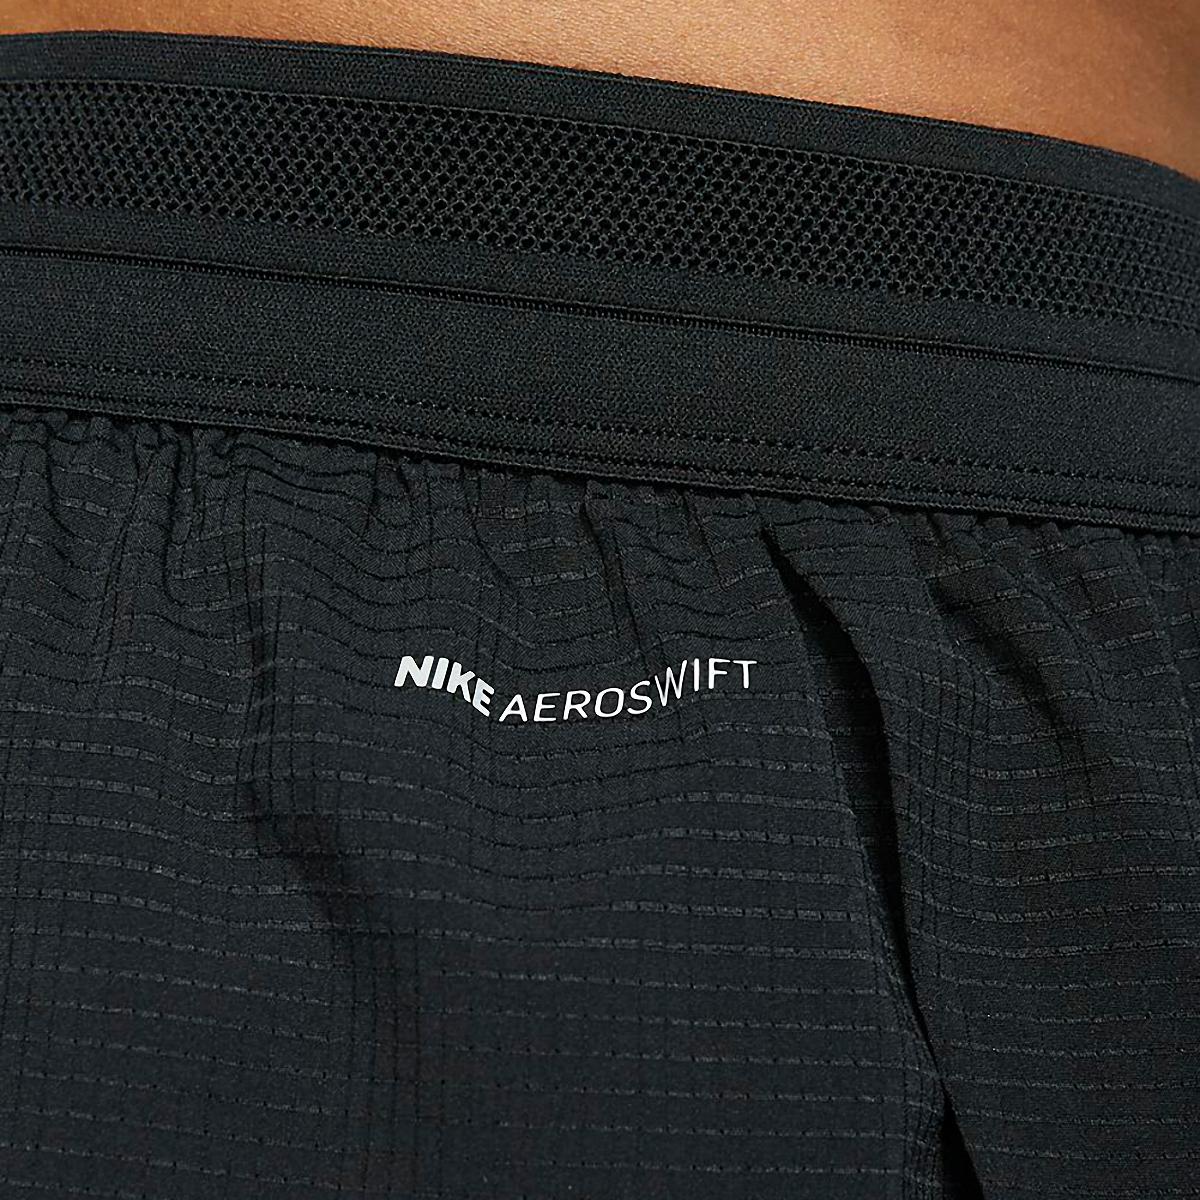 """Men's Nike AeroSwift 2"""" Short, , large, image 4"""